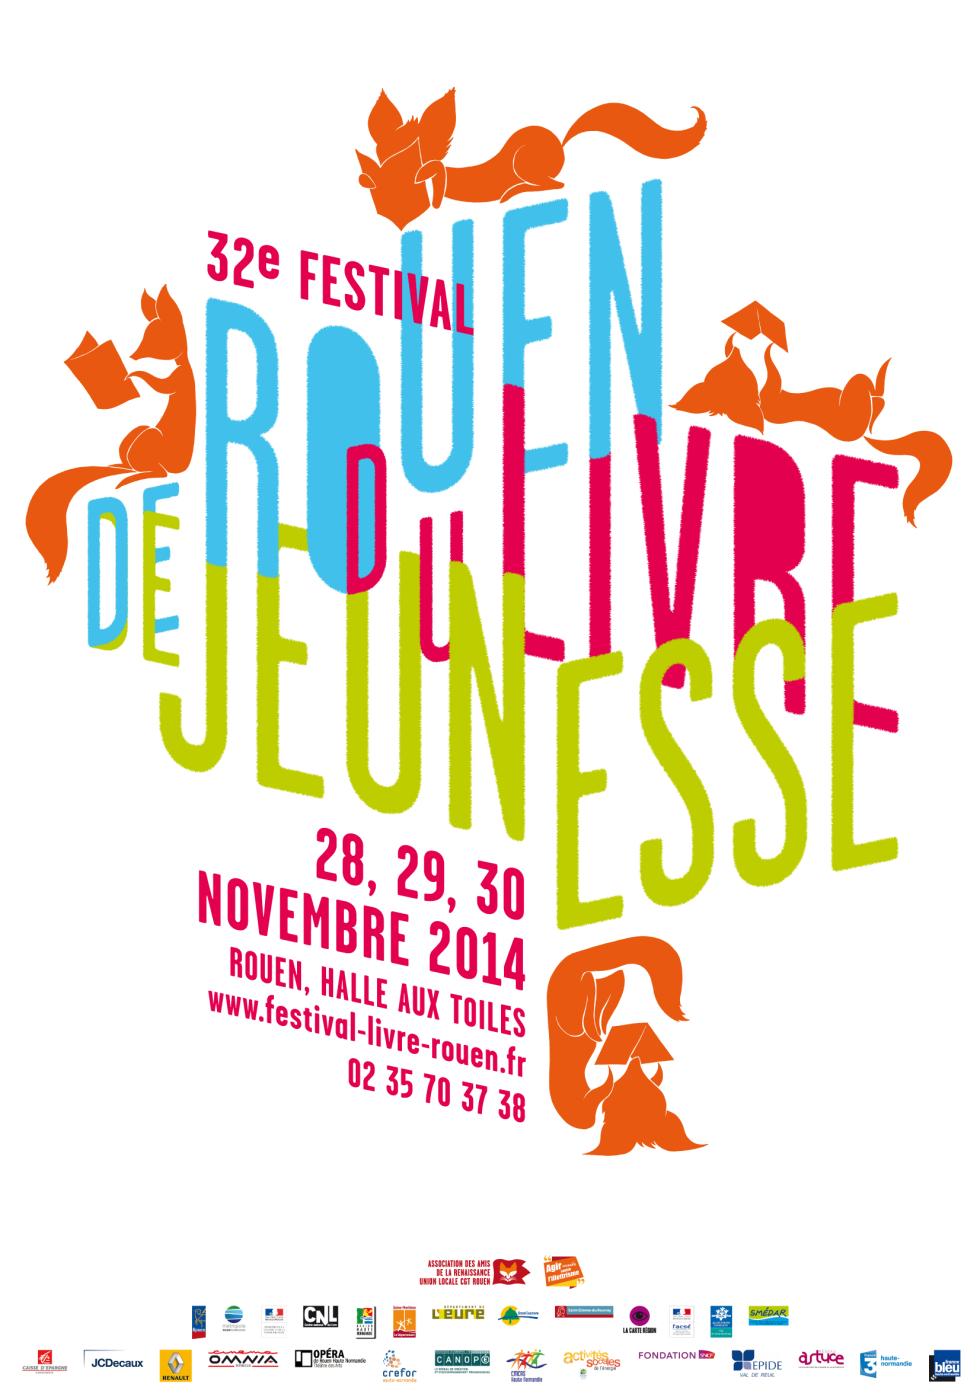 28, 29 & 30 Novembre 32 ème festival du livre de jeunesse à Rouen